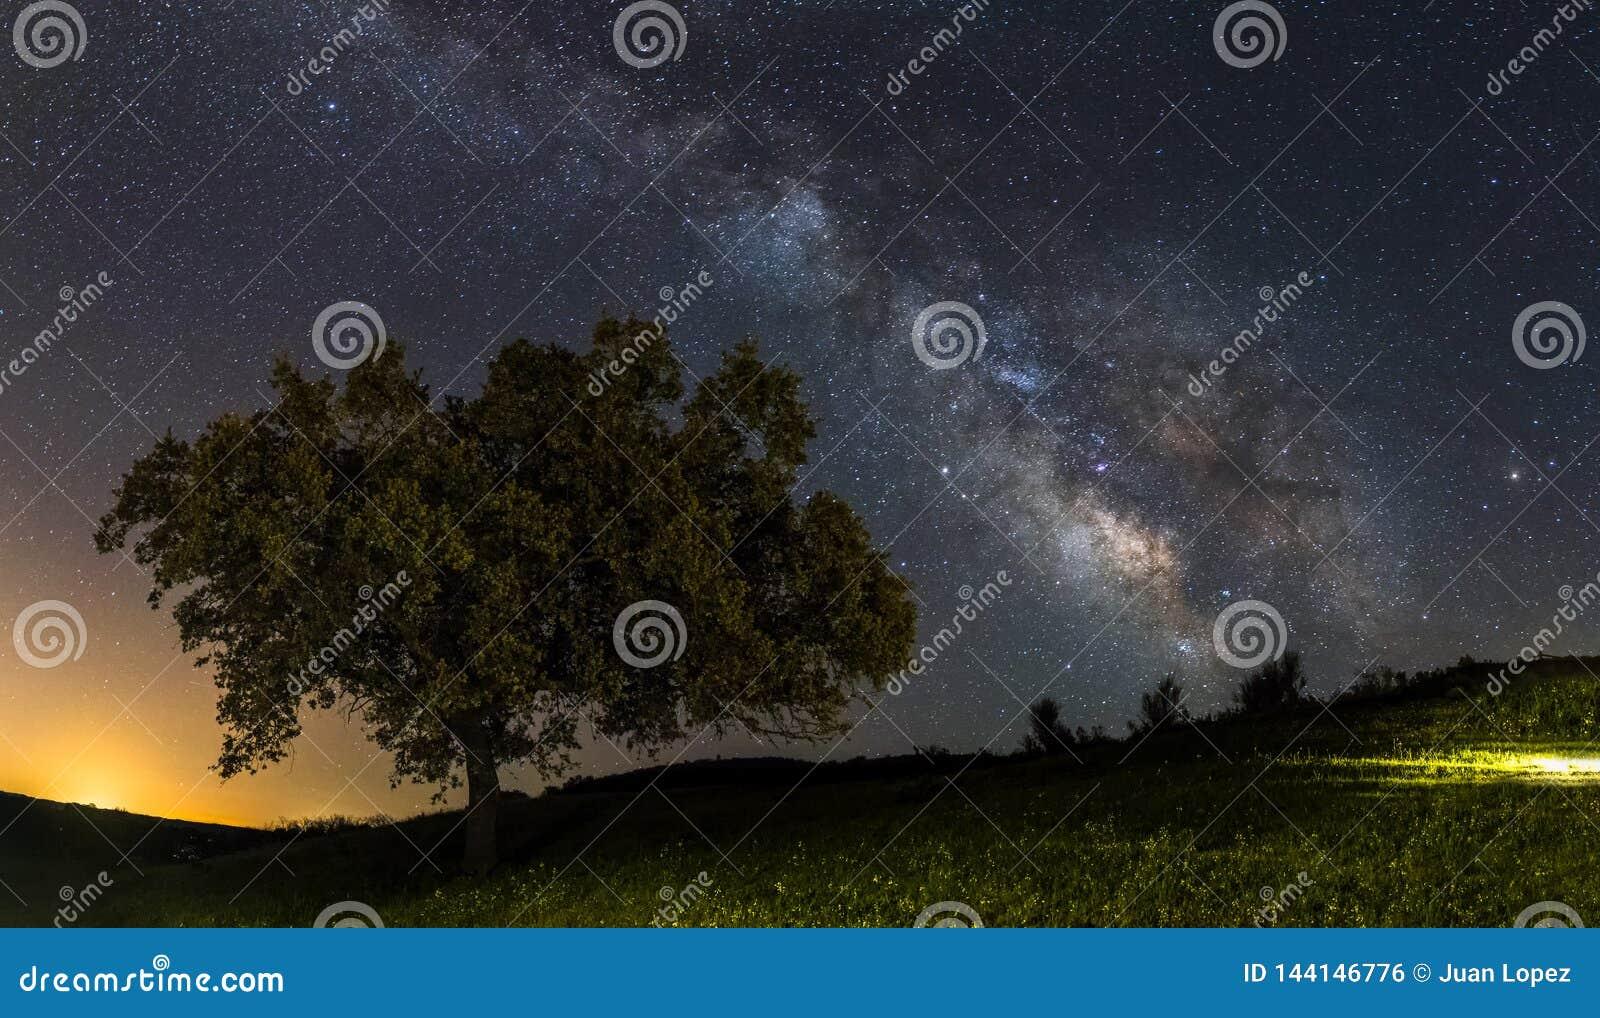 Млечный путь и дерево